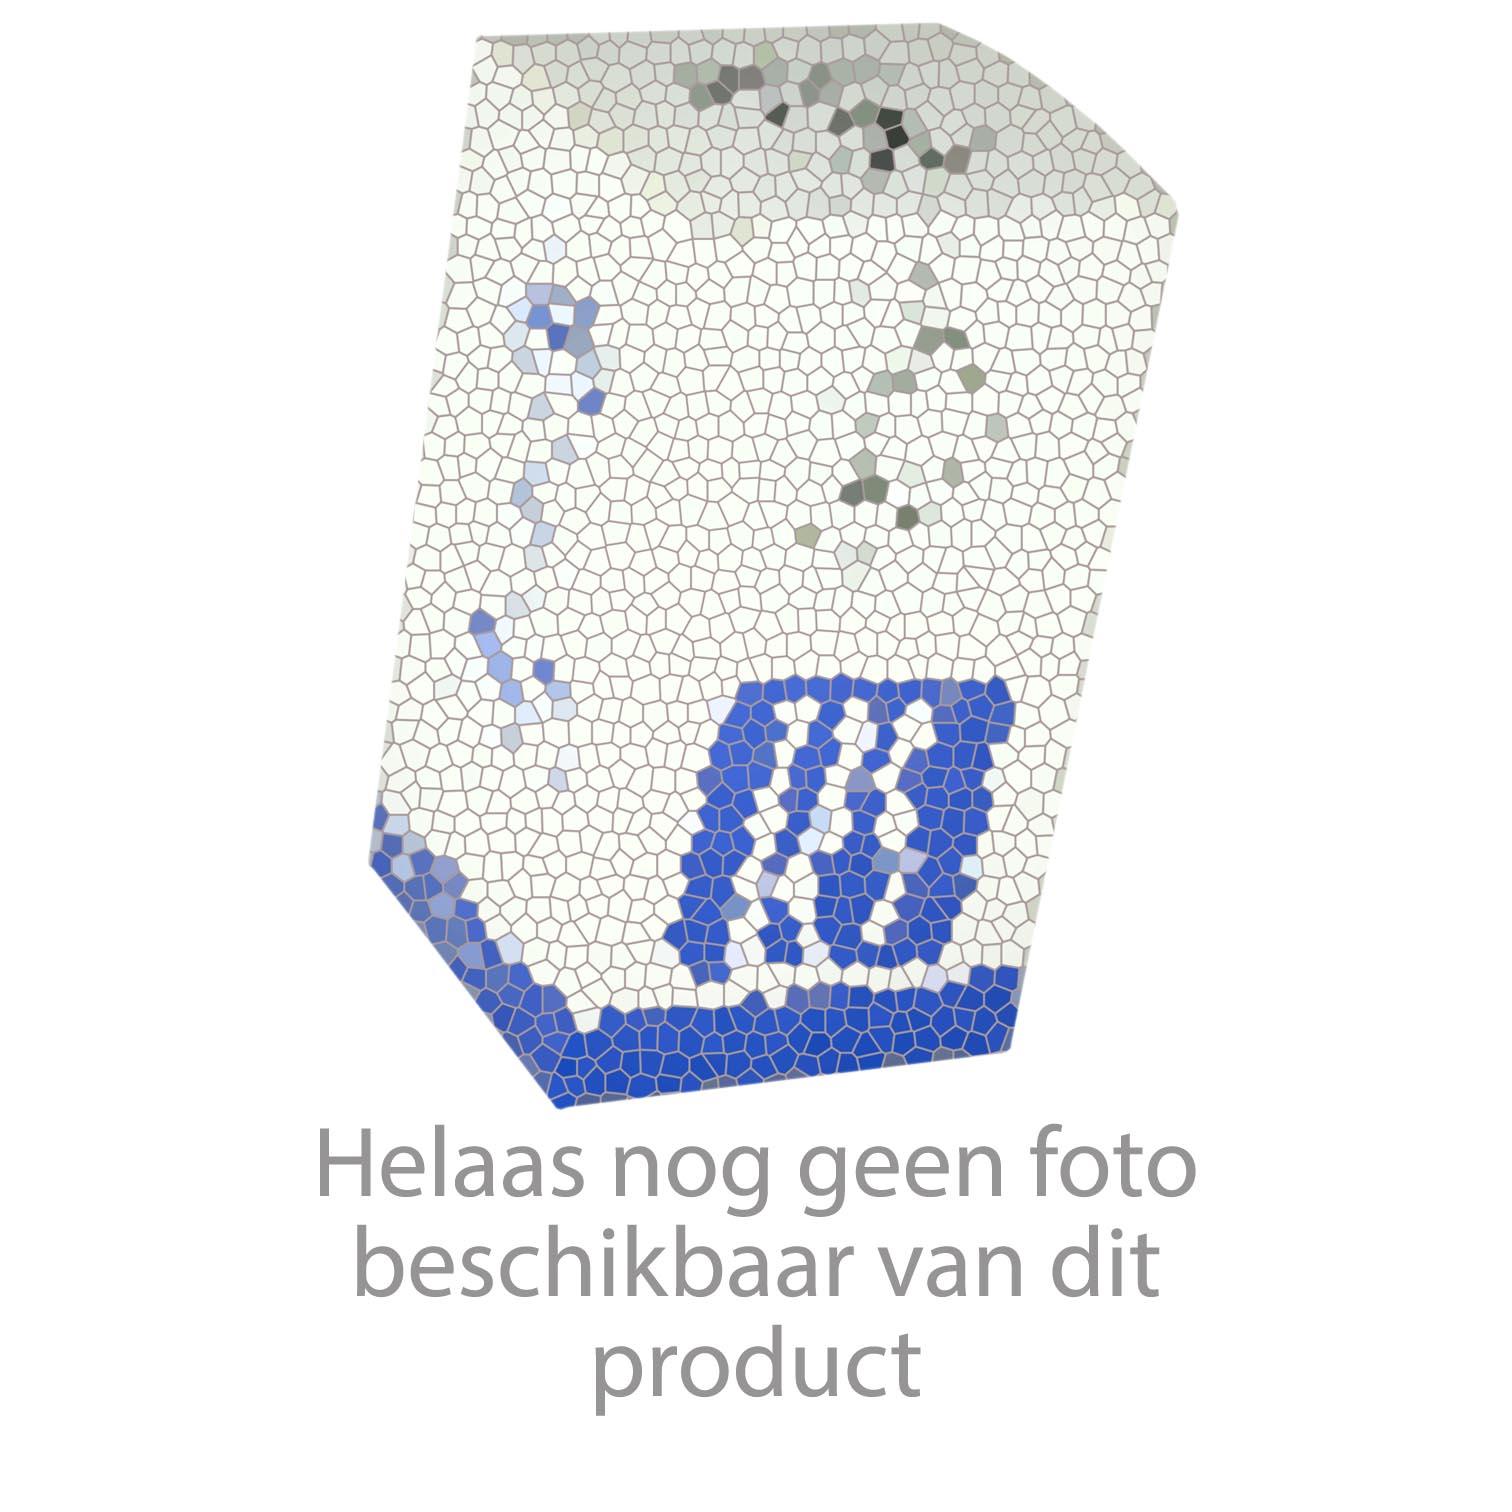 HansGrohe Keukenmengkranen Allegra Steel productiejaar 11/00 - 10/05 35813800 onderdelen